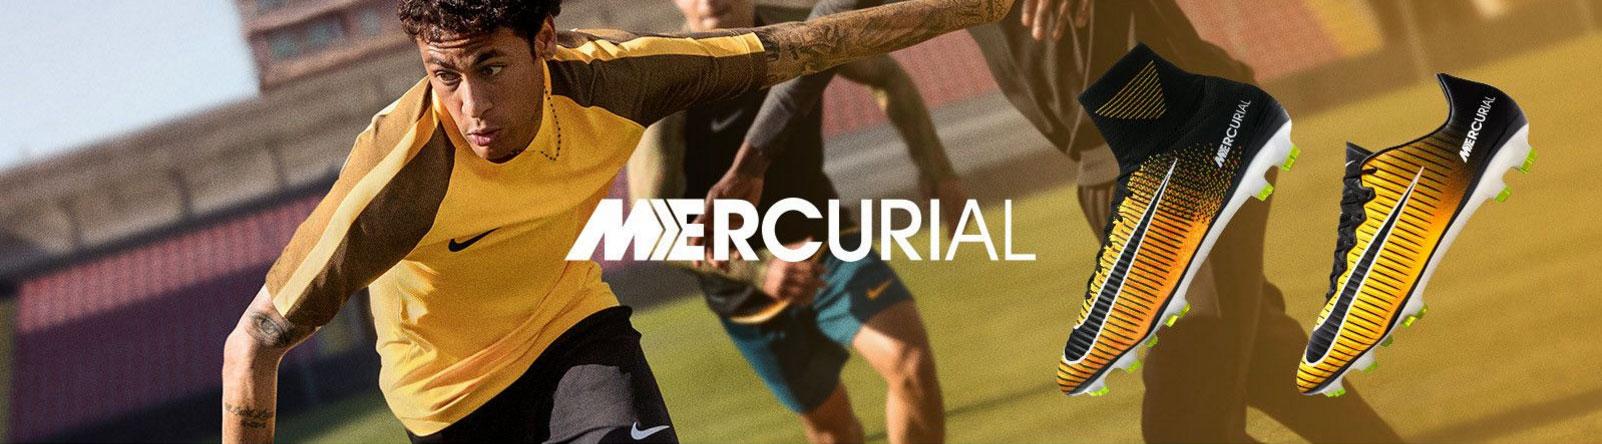 Nike Mercurial Superfly Look in let Loose